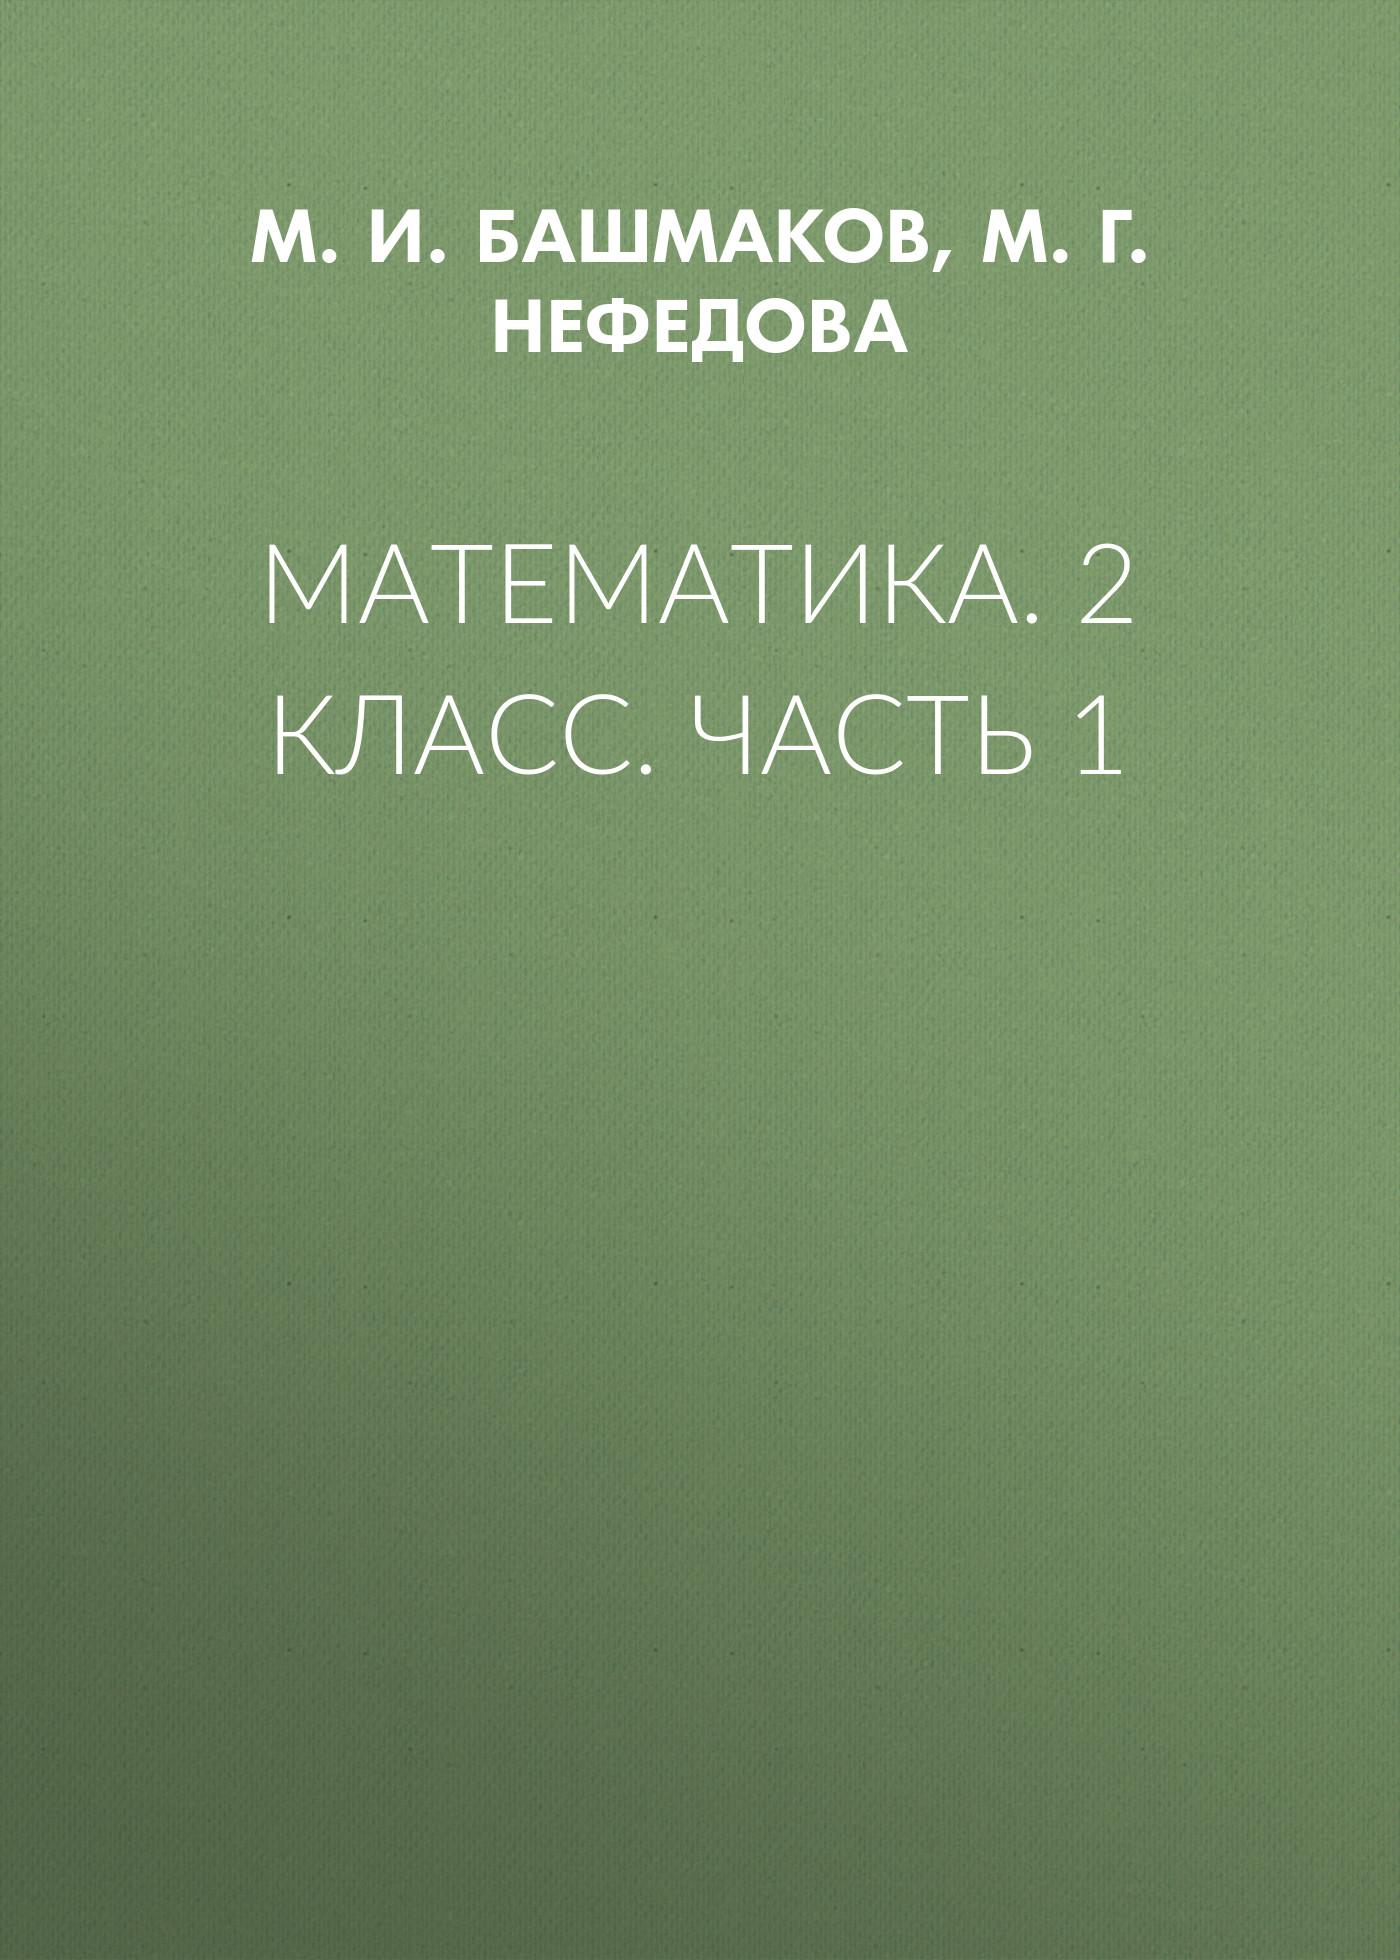 М. И. Башмаков Математика. 2 класс. Часть 1 федеральный государственный образовательный стандарт начального общего образования